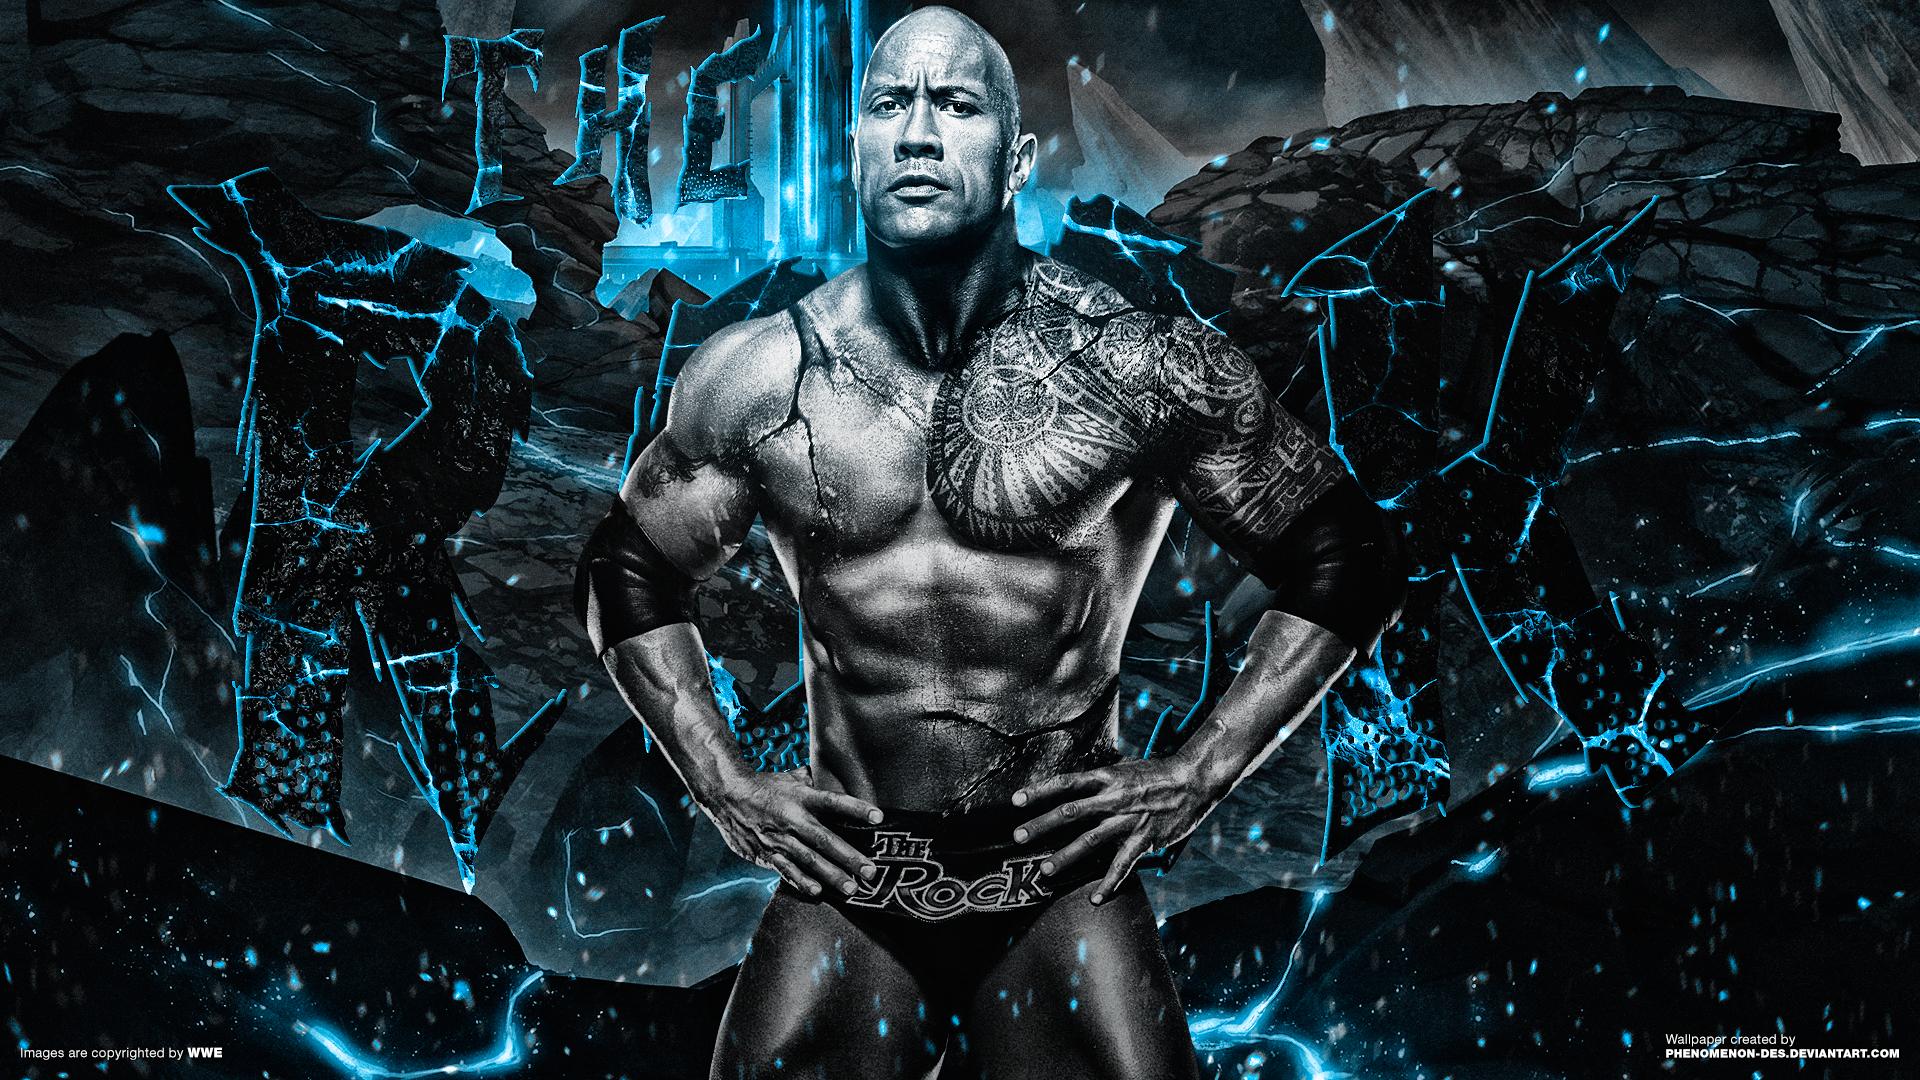 WWE The Rock Wallpaper  WallpaperSafari